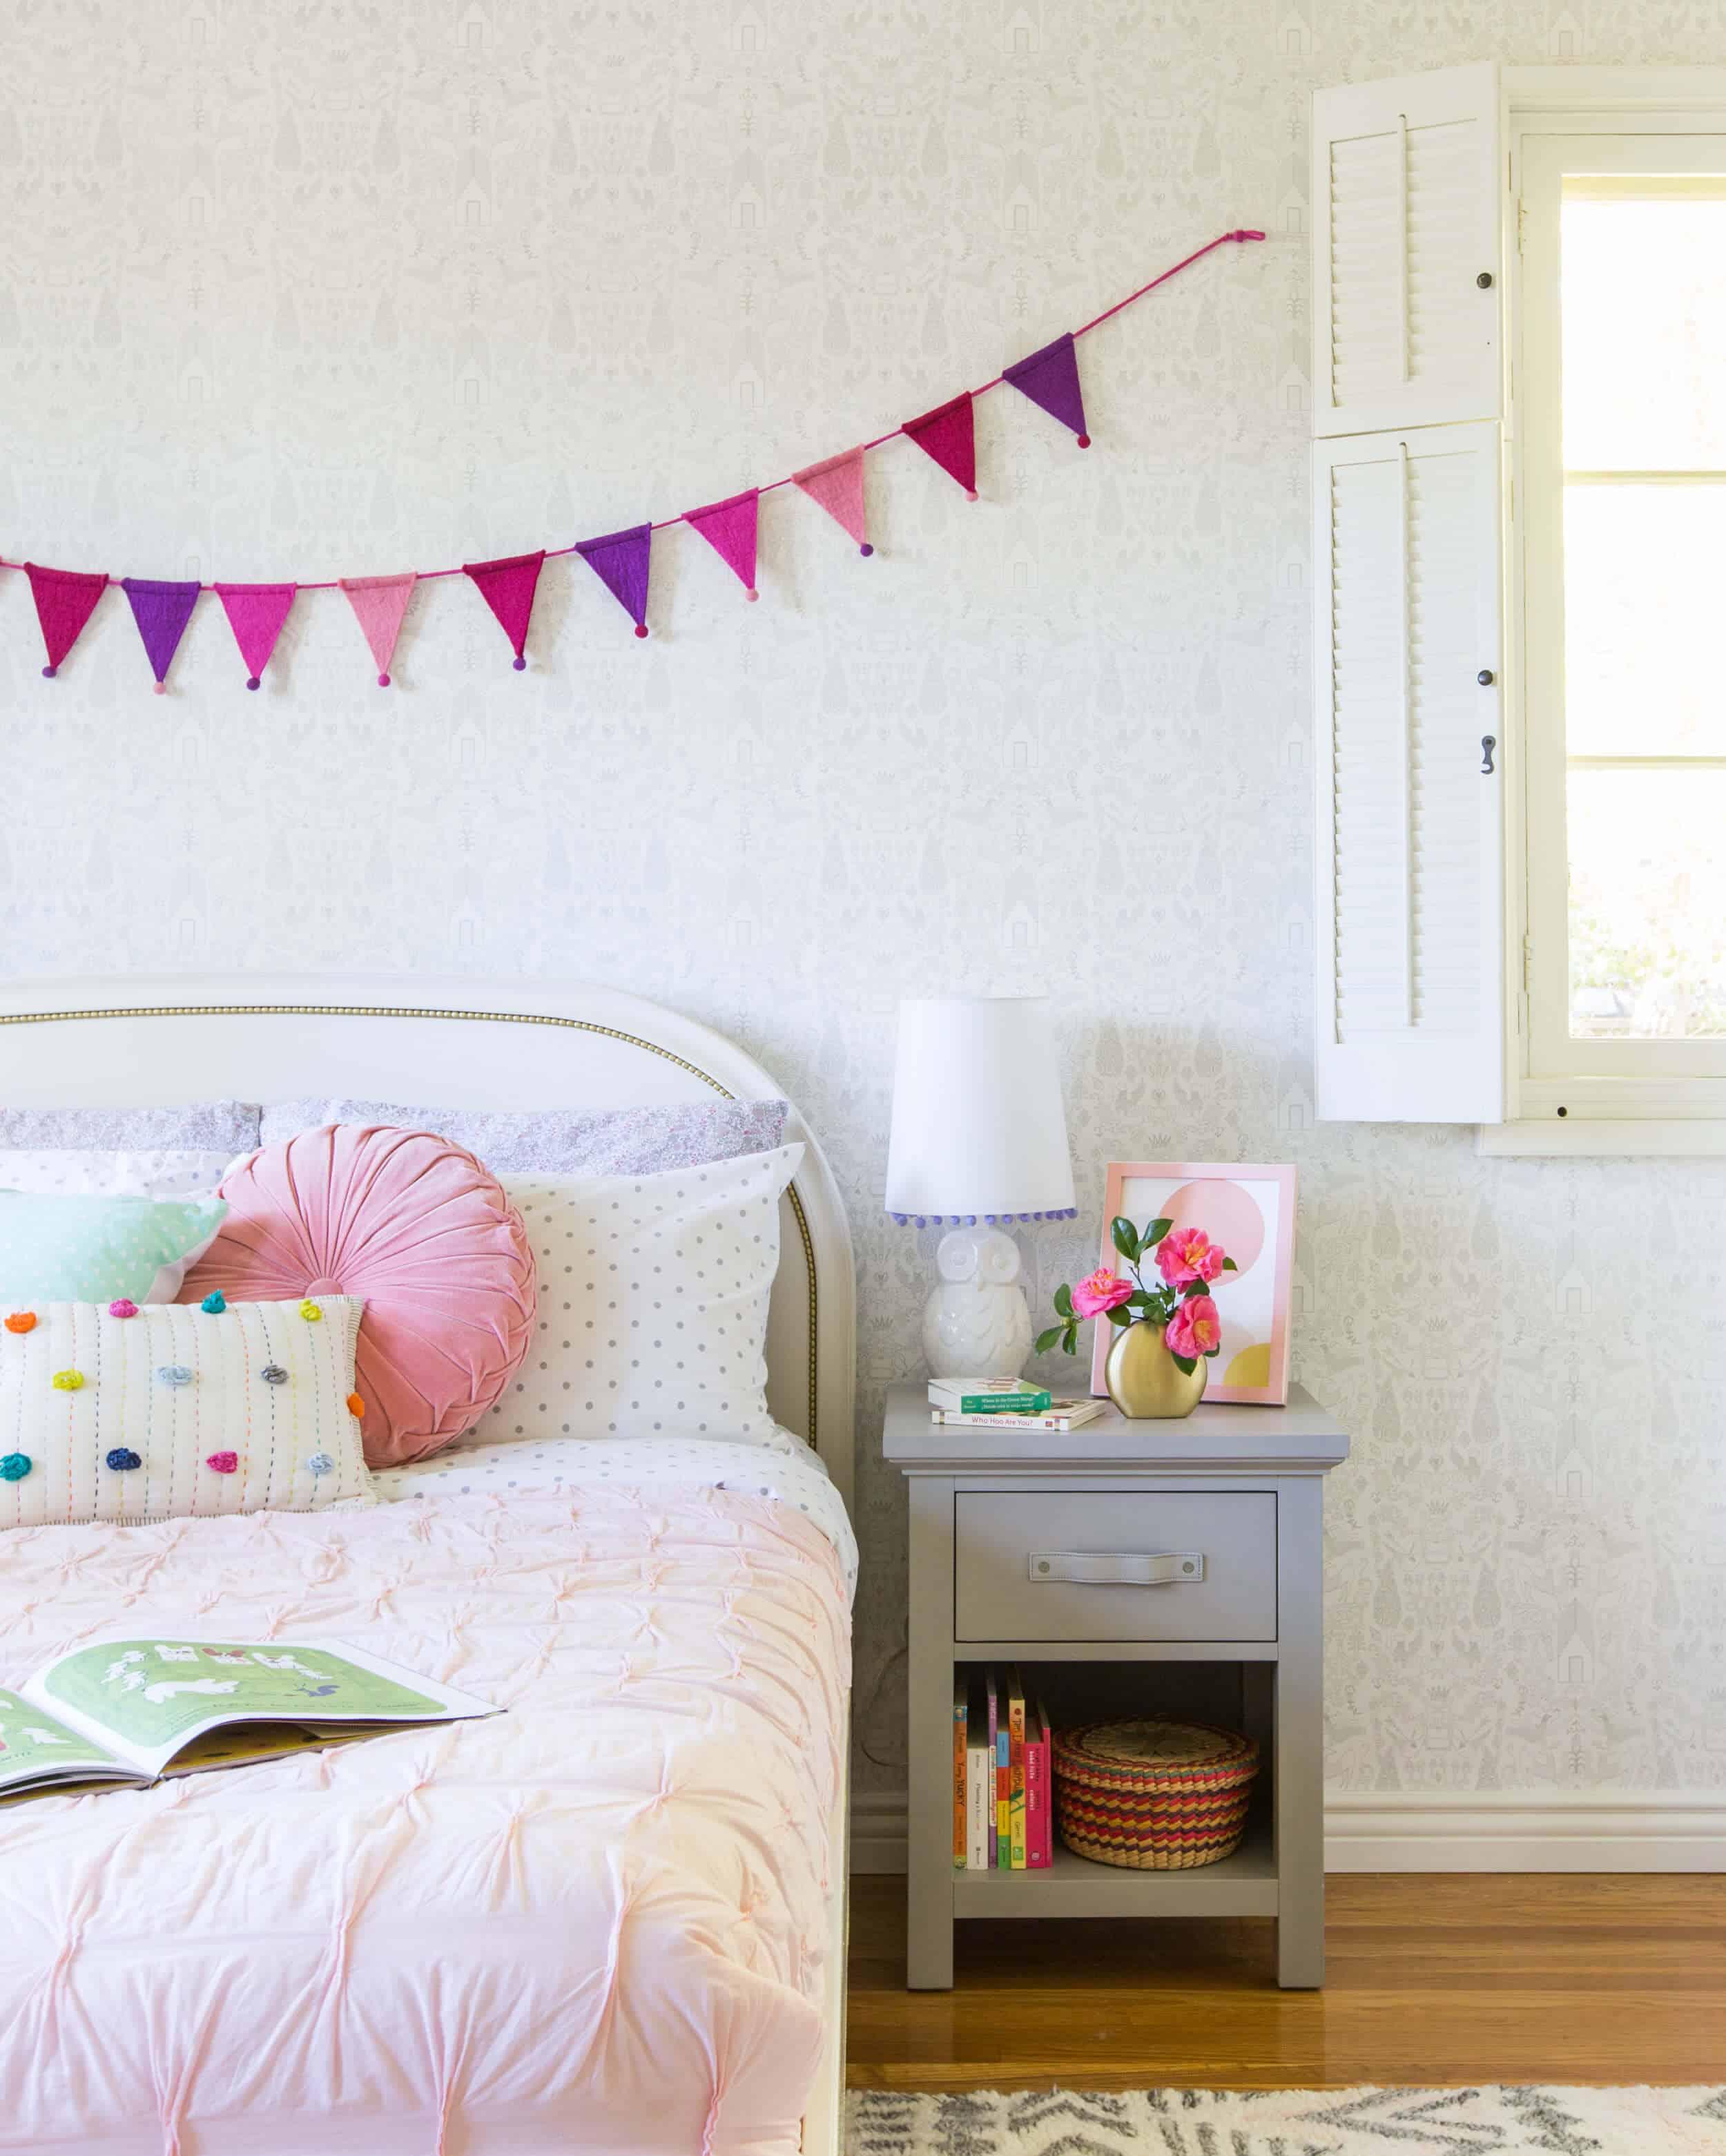 Emily Henderson_Full Design_Little Girls Room_Pink_Gray_Playful_Pics_5